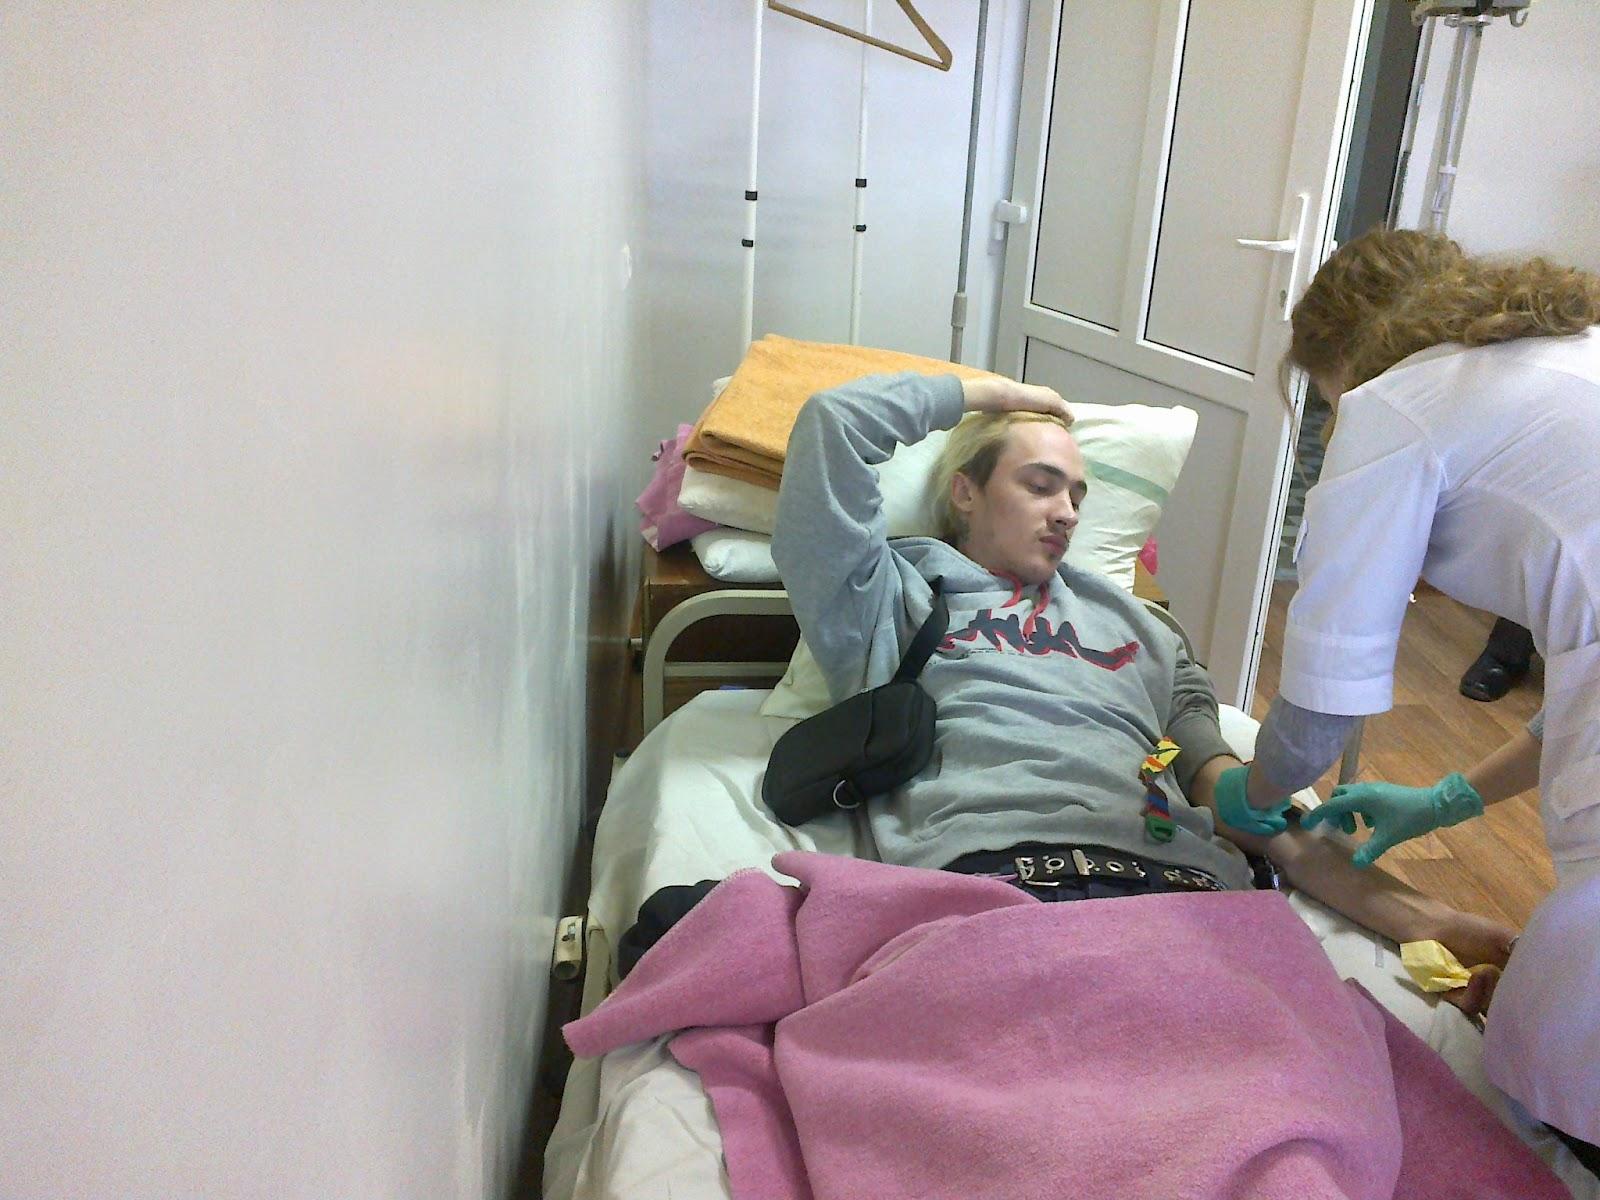 Смотреть девушек лежать в больнице онлайн фото 19 фотография